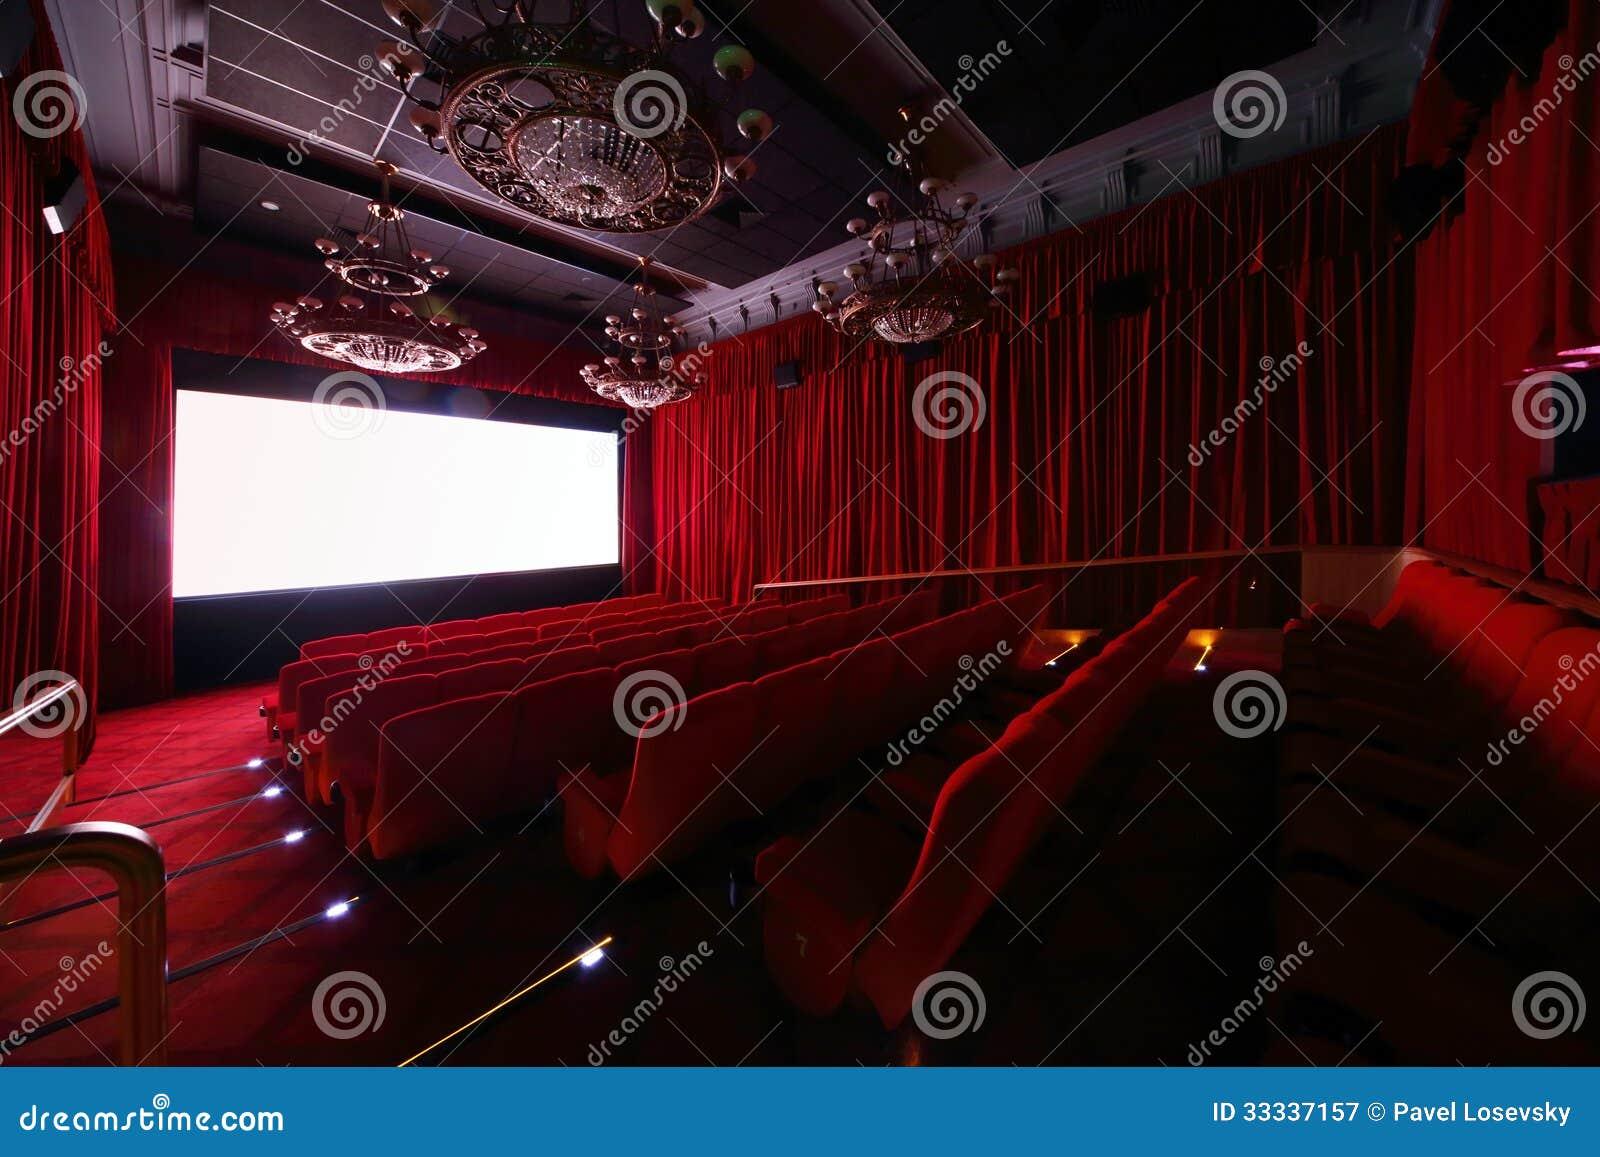 Duża sala z wielkimi pięknymi świecznikami w kinie